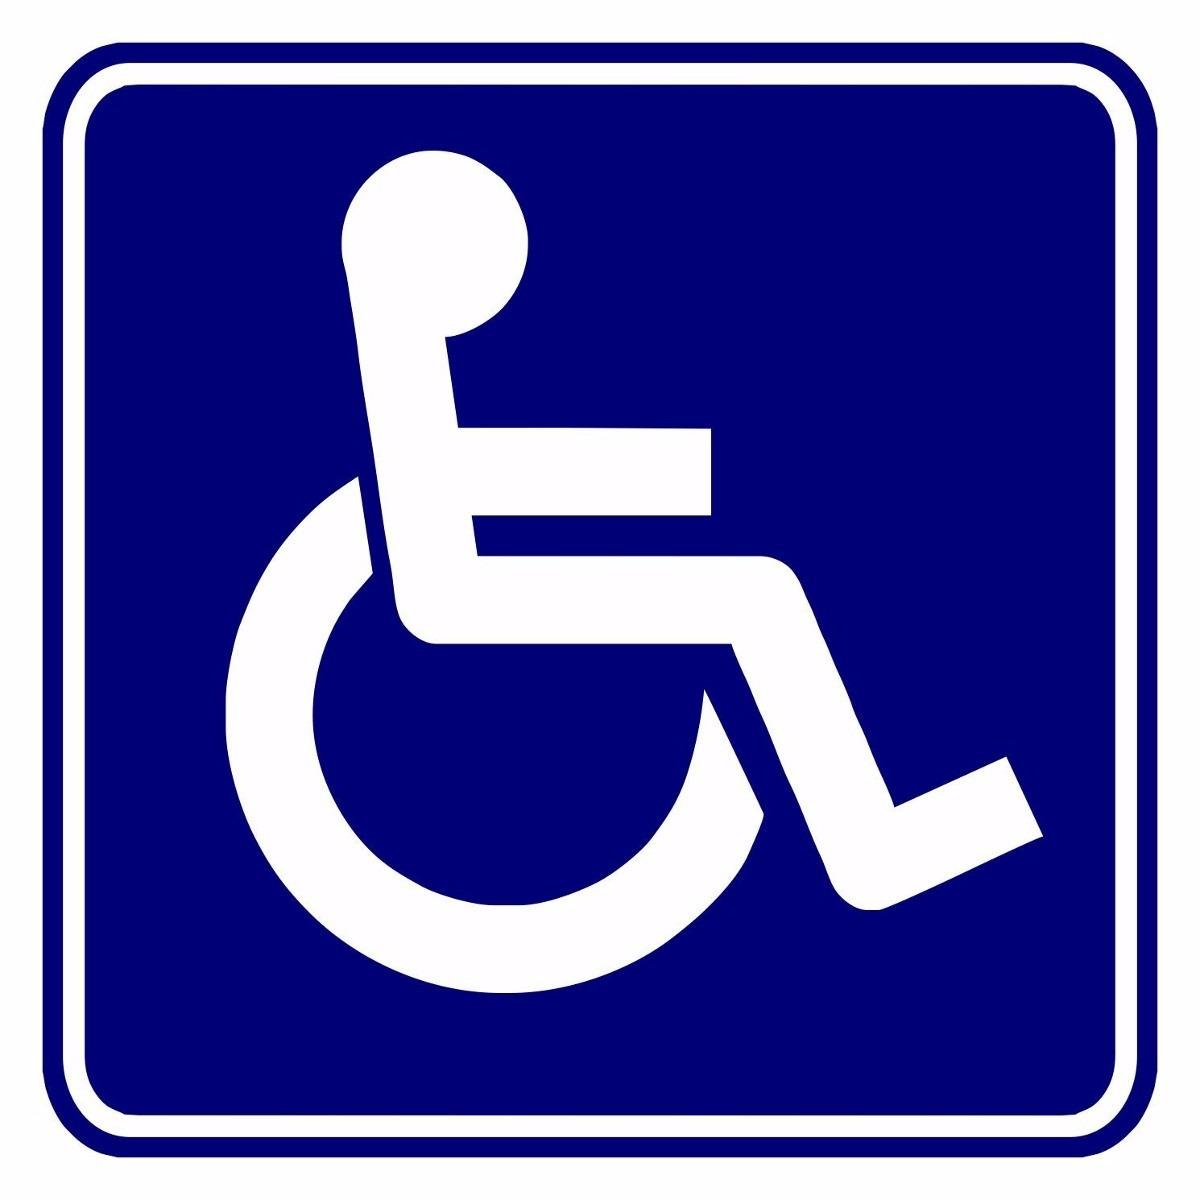 Artesanato De Croche Coruja Passo A Passo ~ Adesivo Cadeirante Para Carro Onibus Vans 15 X 15cm R$ 22,90 em Mercado Livre